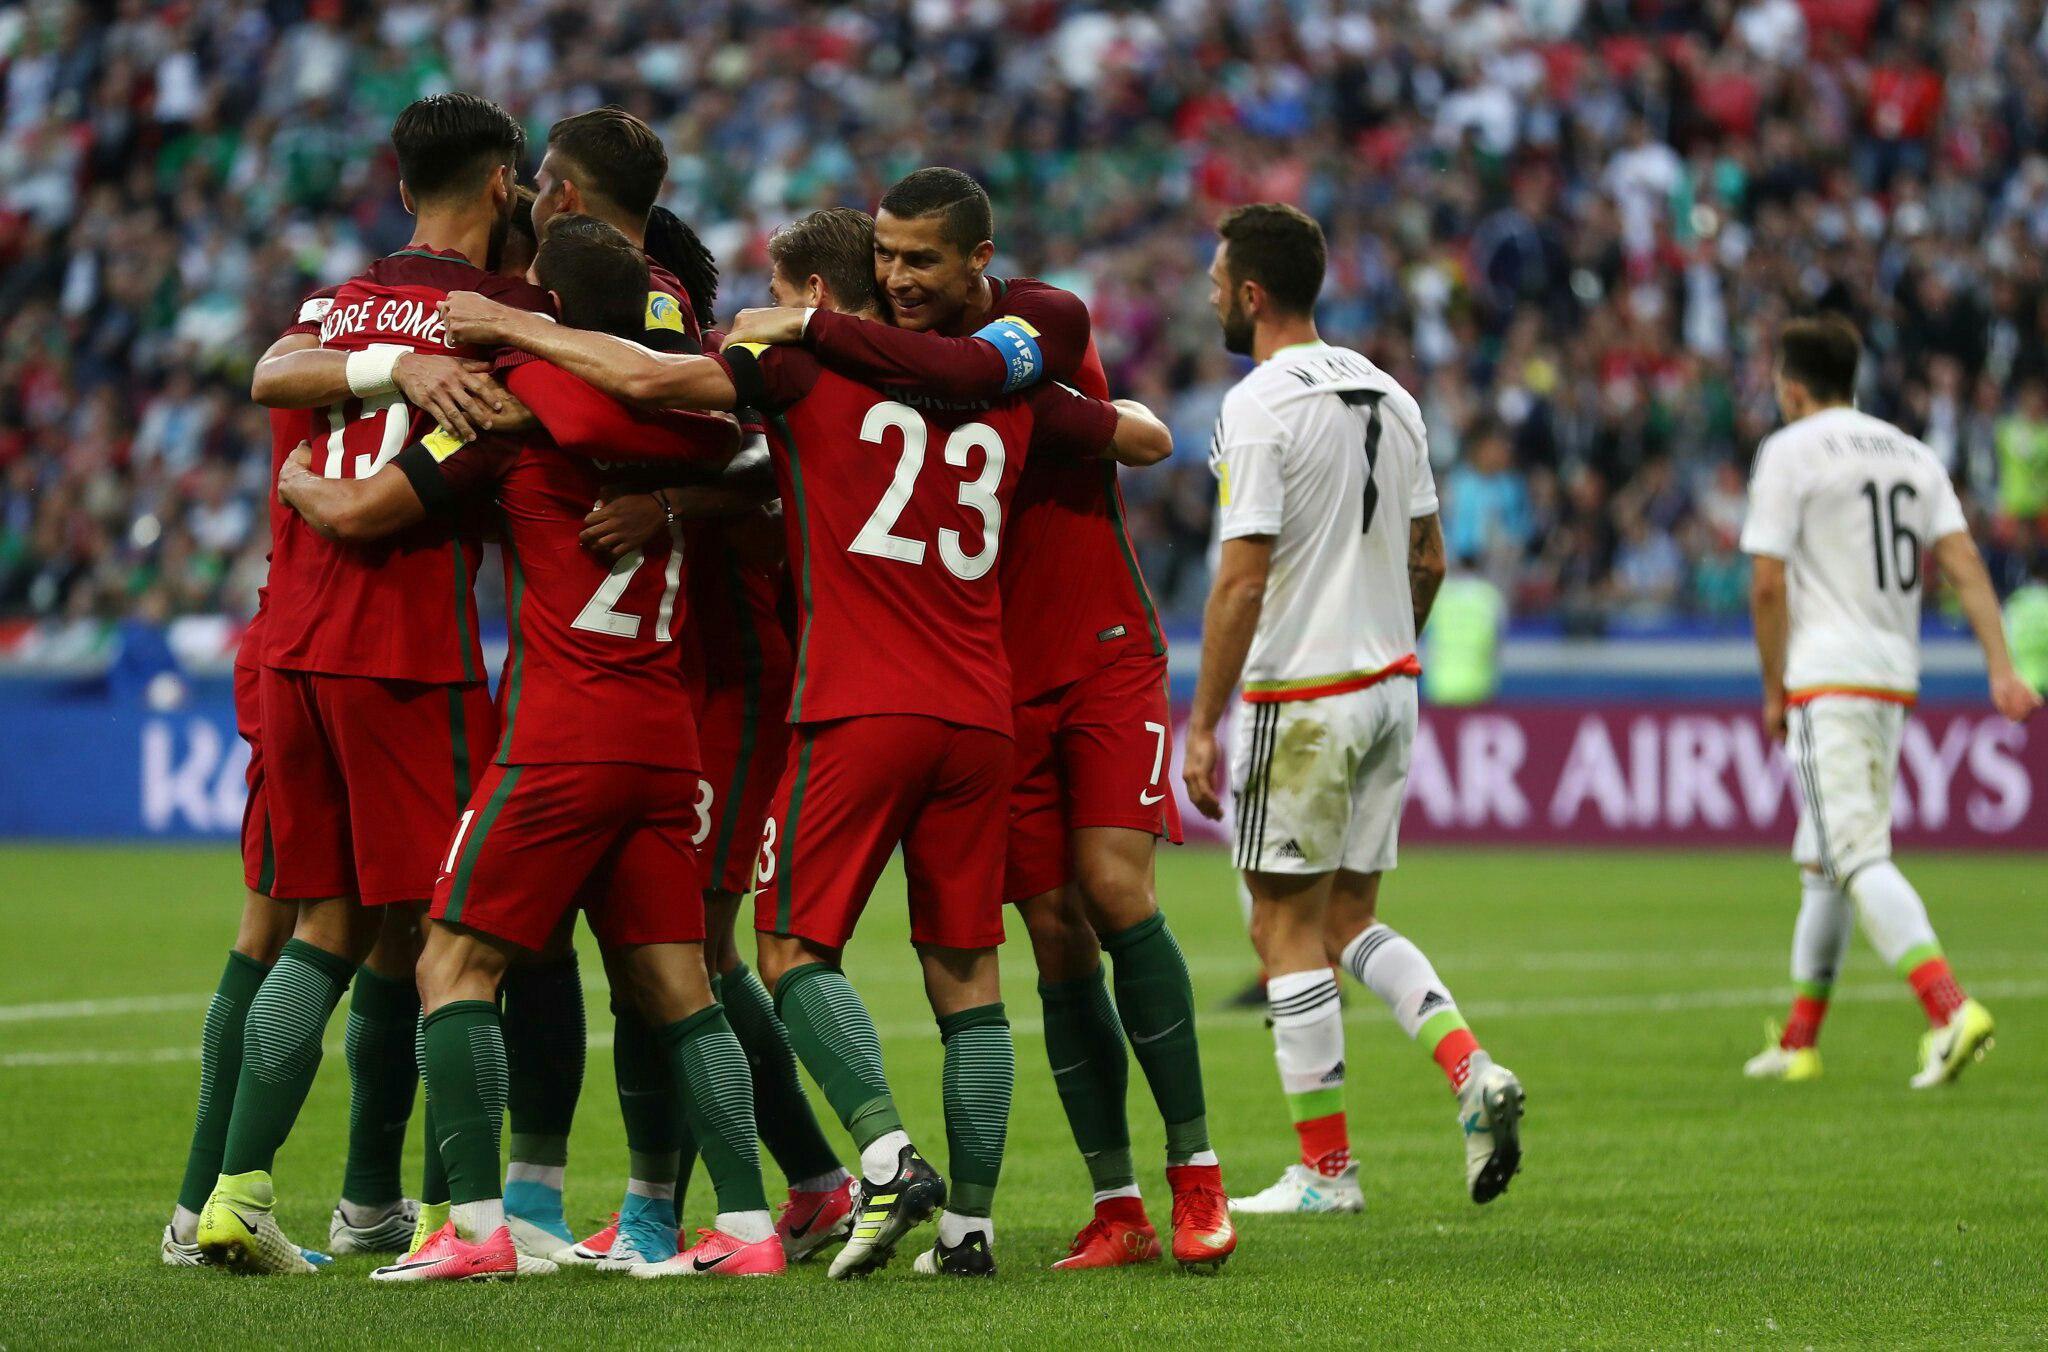 сопоставить чили-португалия матч 2017 результат реверса такого